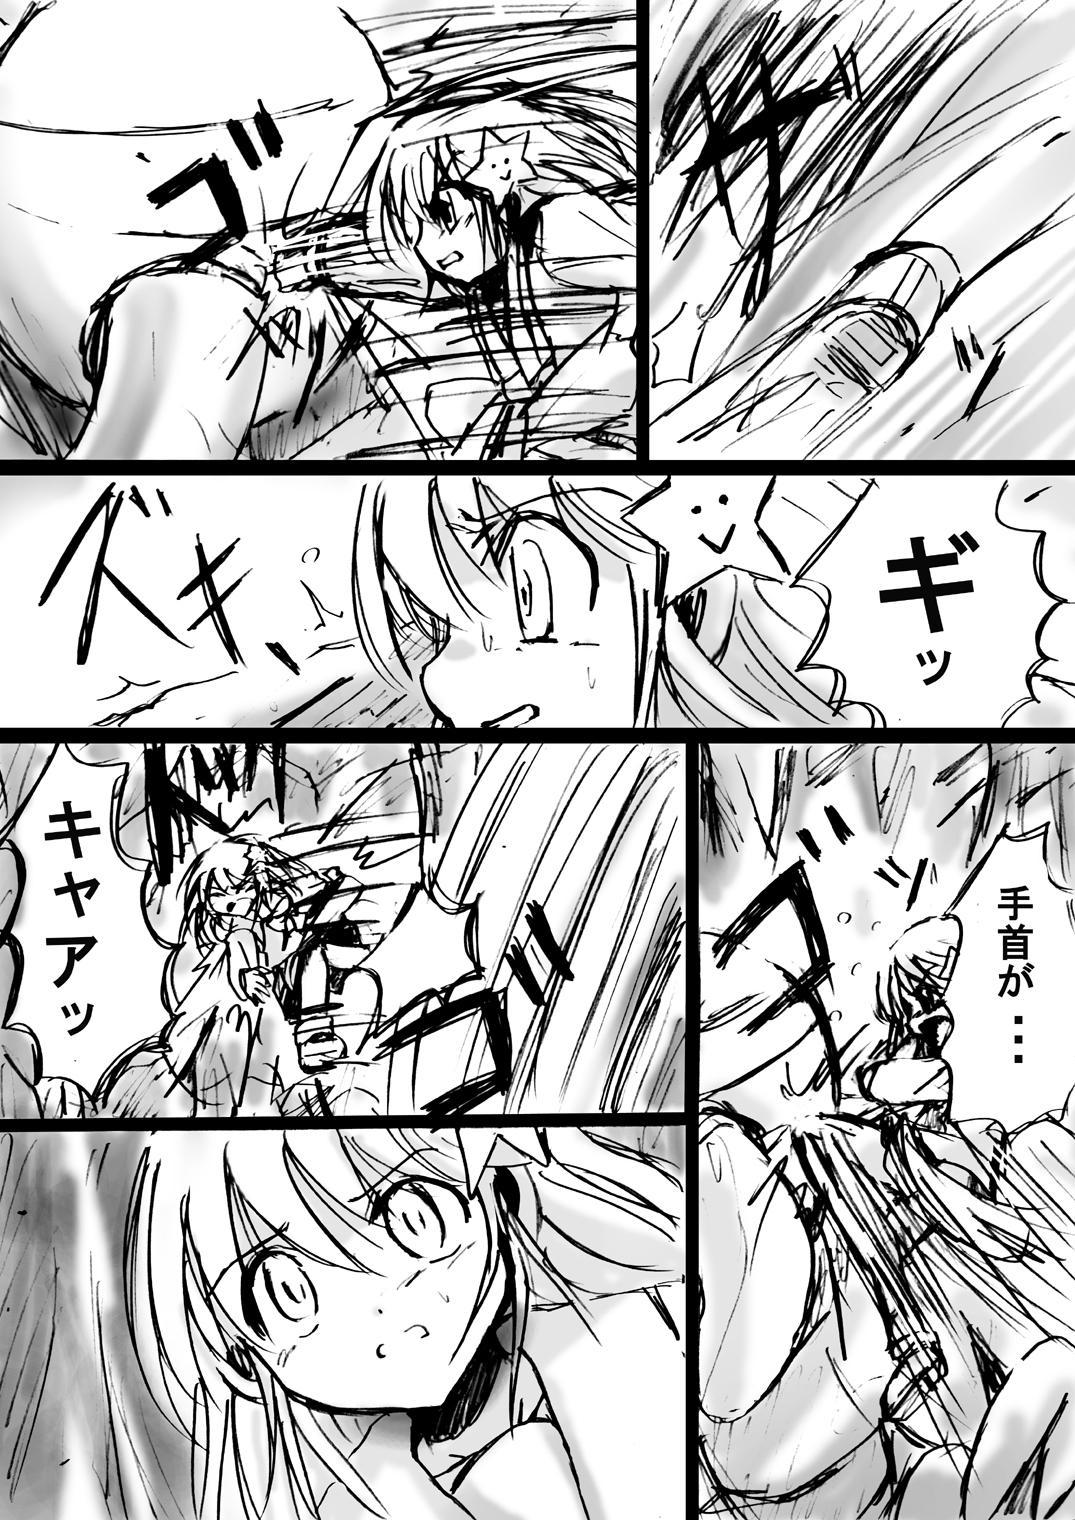 [Dende] Fushigi Sekai -Mystery World- Nonoha 5 ~Jokuma no Kyouniku no Tainai Shinshoku~ 49